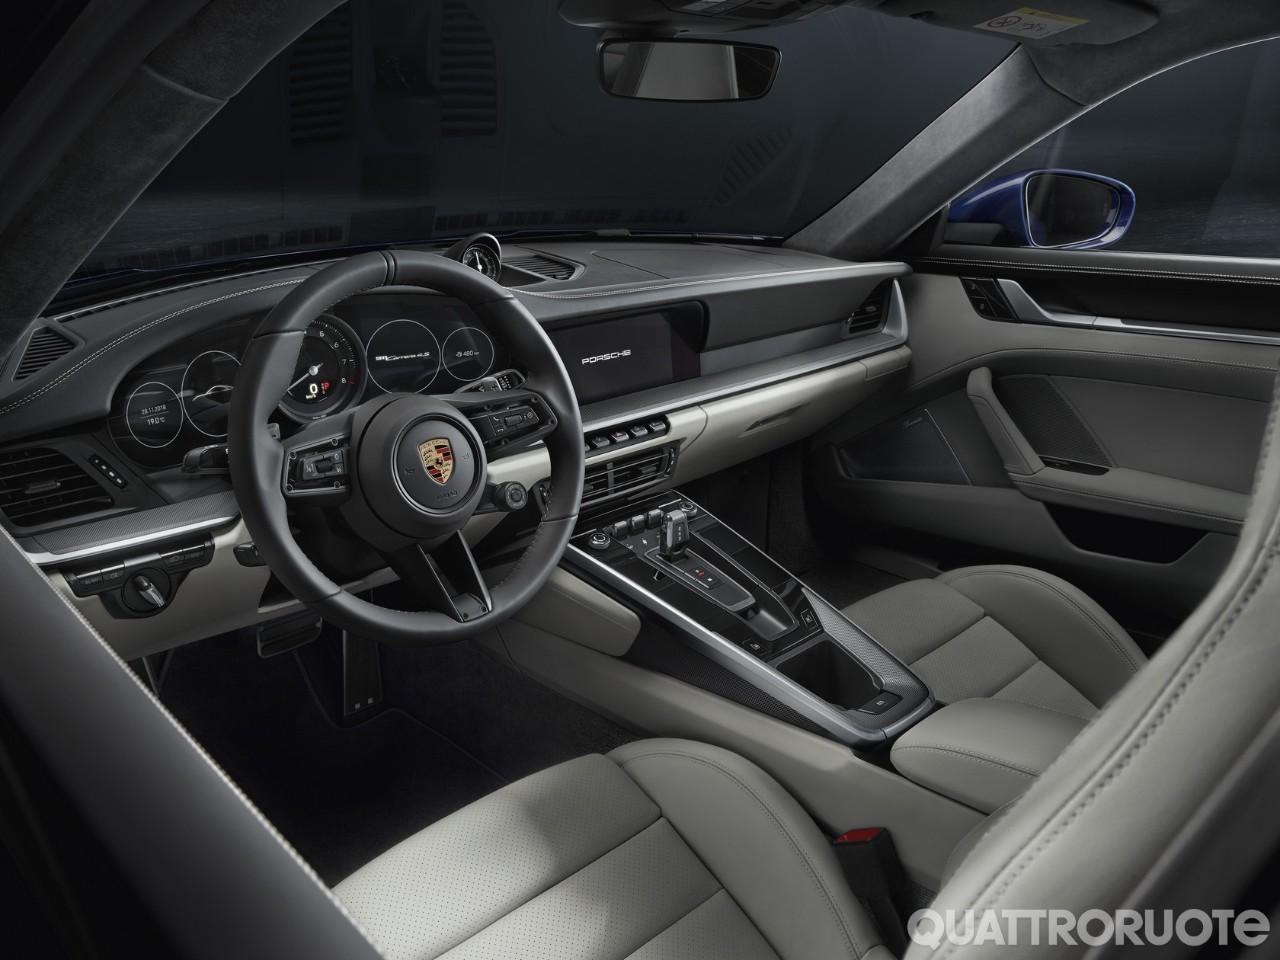 2018-Porsche-911-992-24.jpg